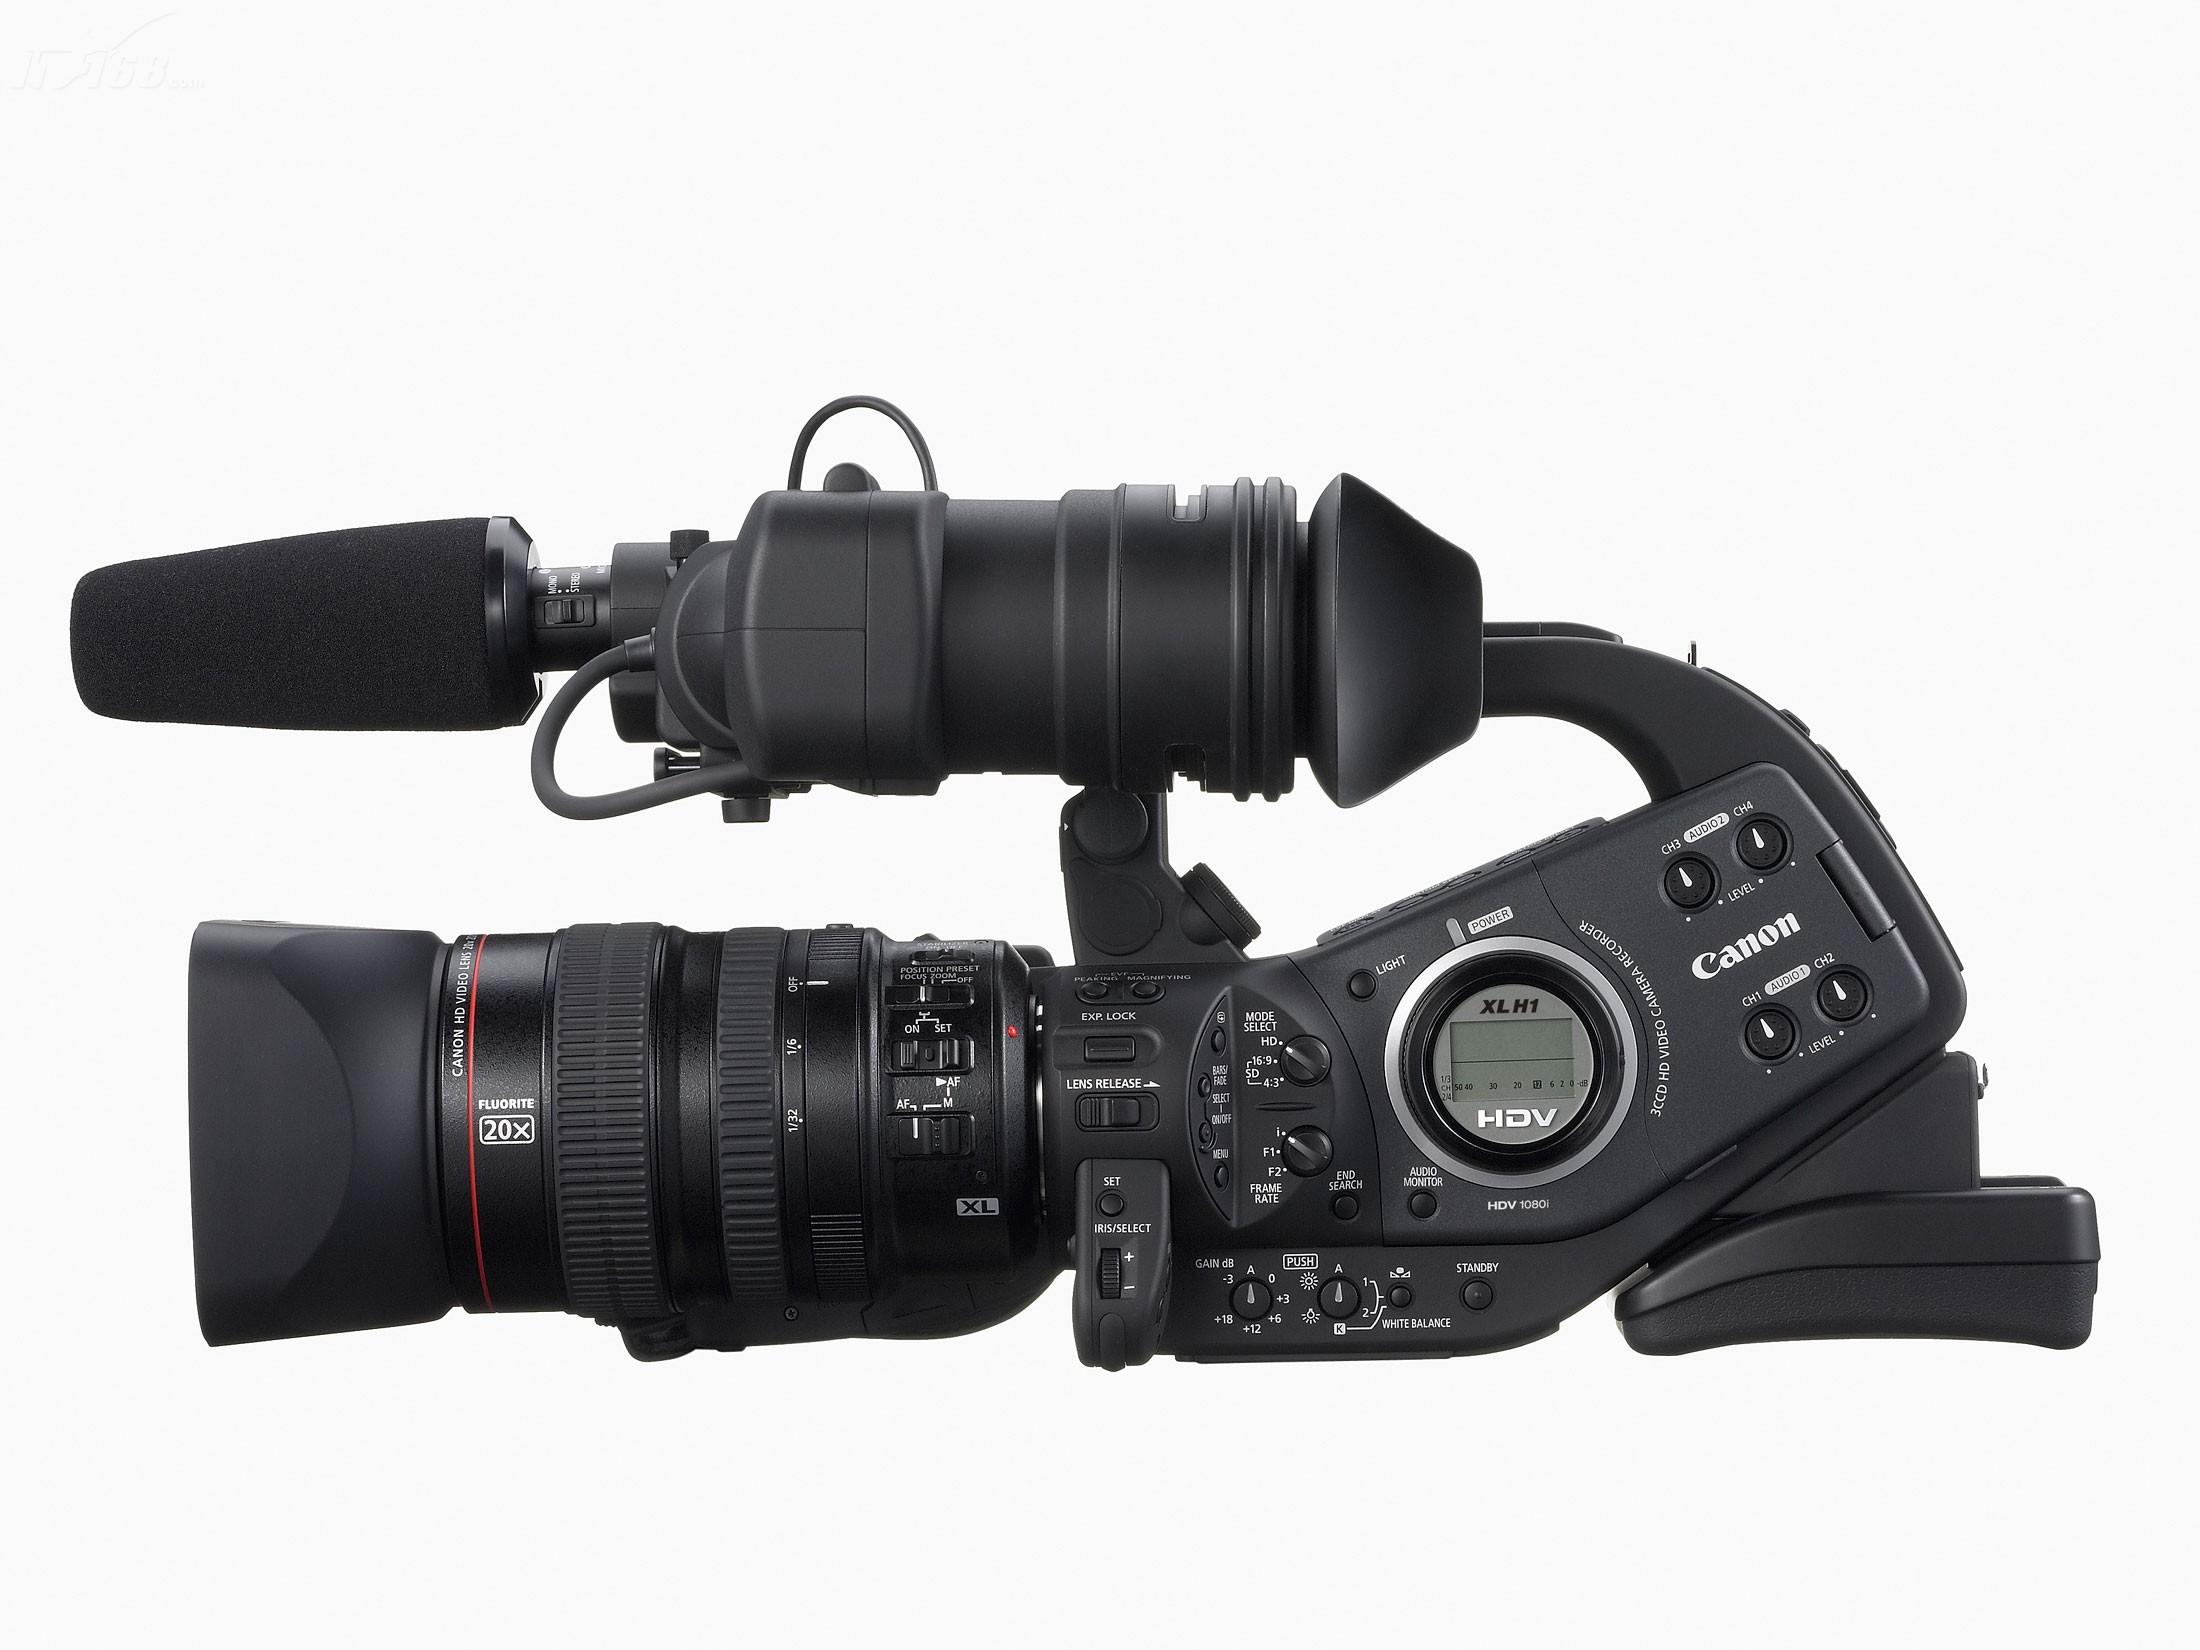 佳能xl h1摄像机产品图片4素材-it168摄像机图片大全